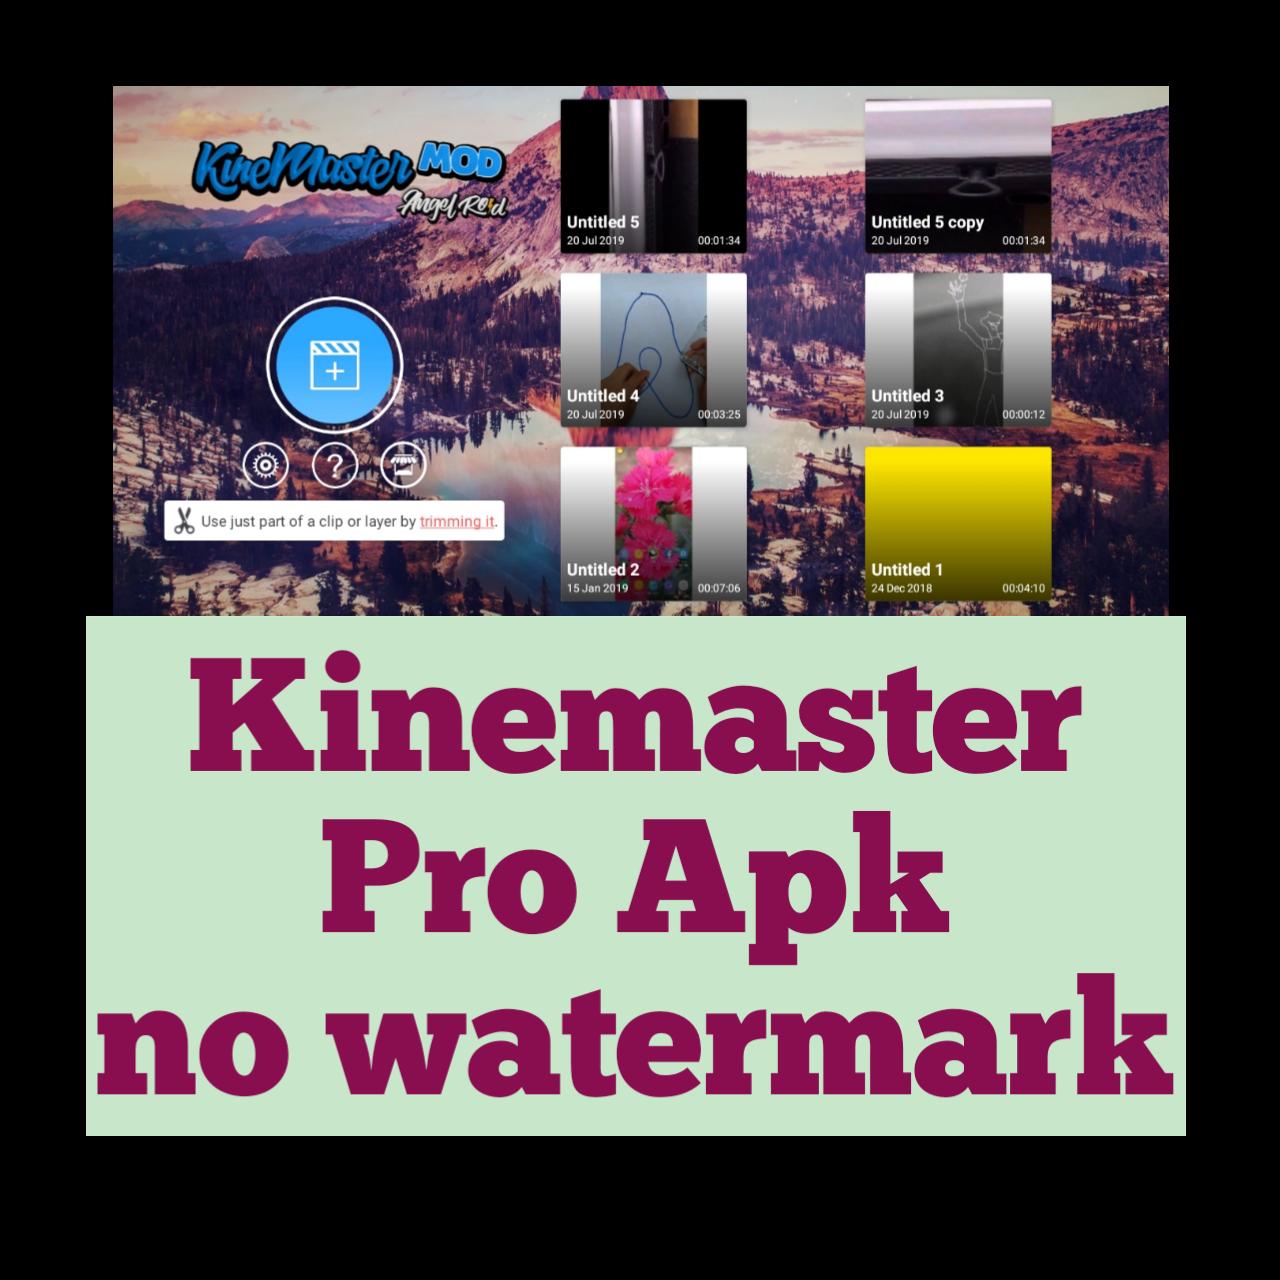 Kinemaster Pro Apk No Watermark - KineMaster Mod Apk